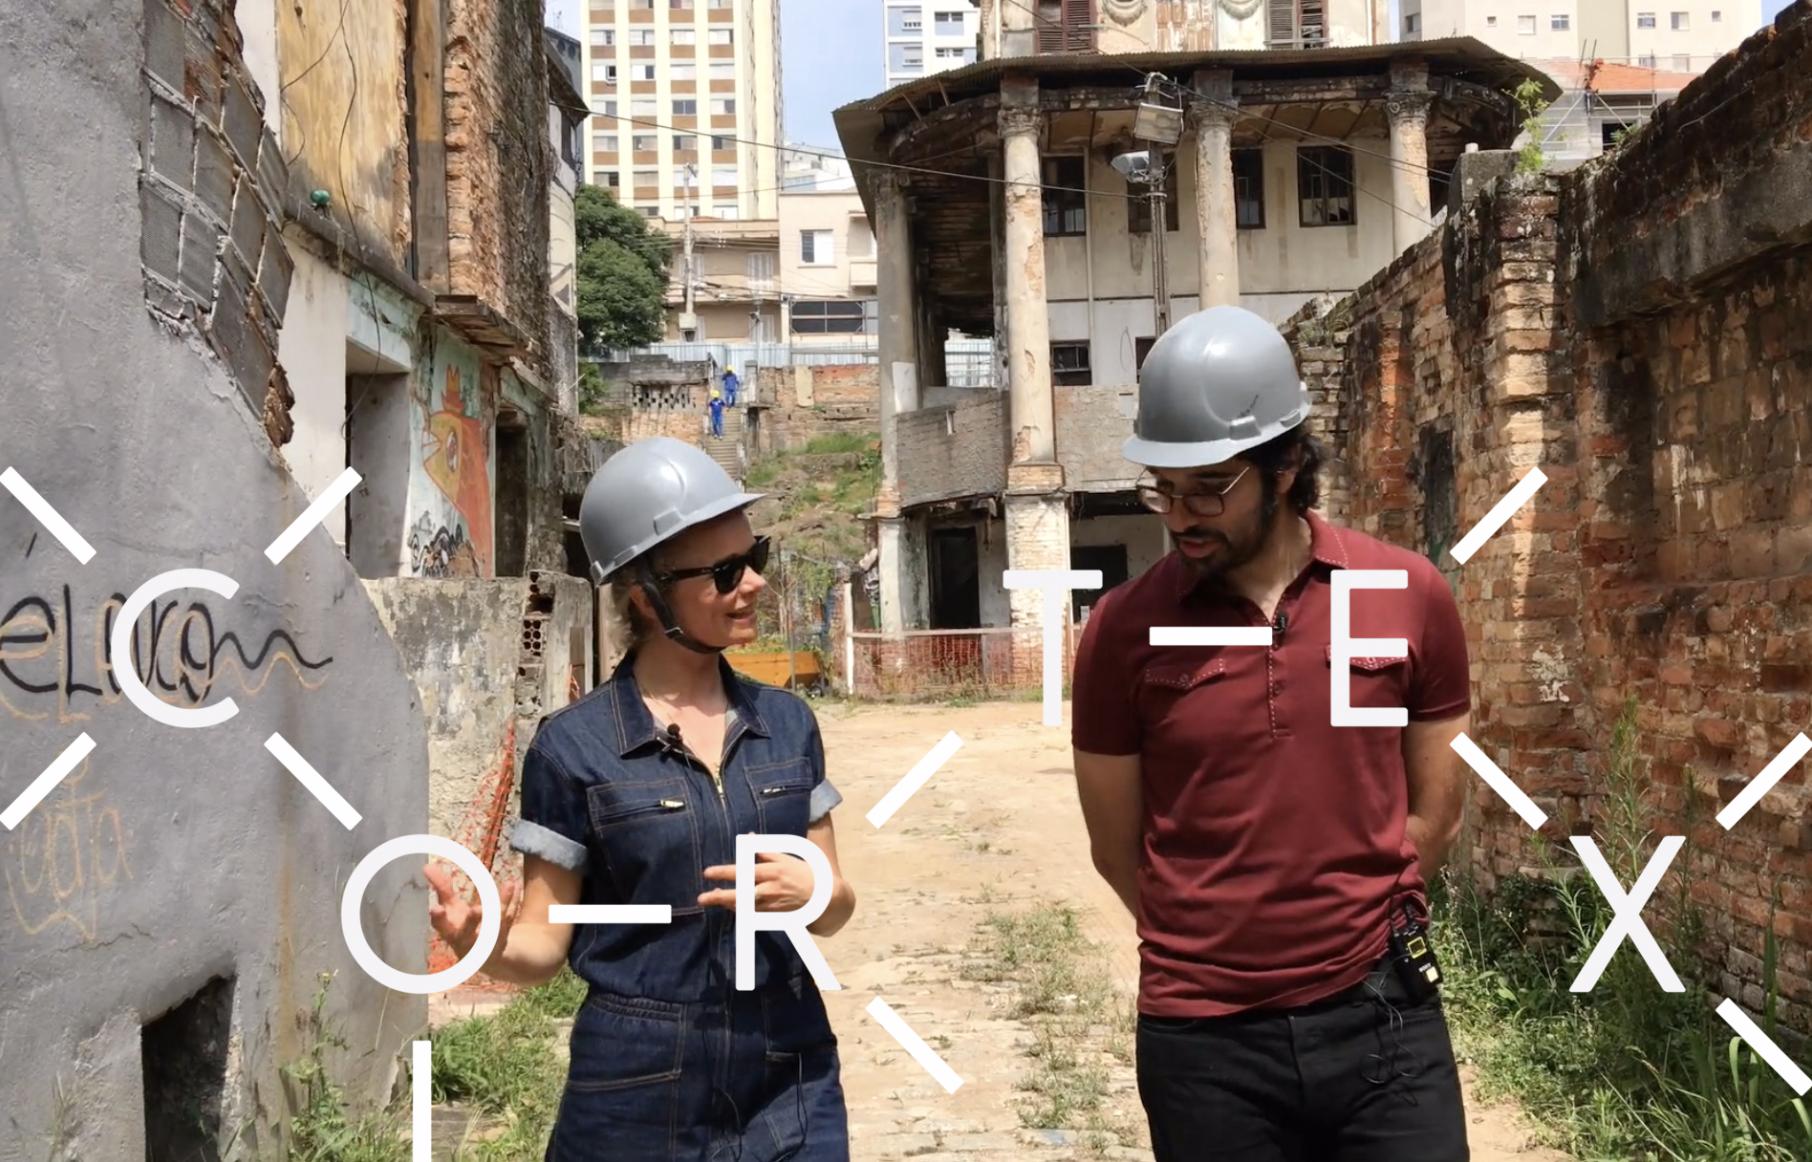 Cérebro, consciência e a realidade do Ego - na Vila Itororó, a cineastas inglesa discute como um derrame cerebral lhe mostrou as alucinações da realidade ordinária